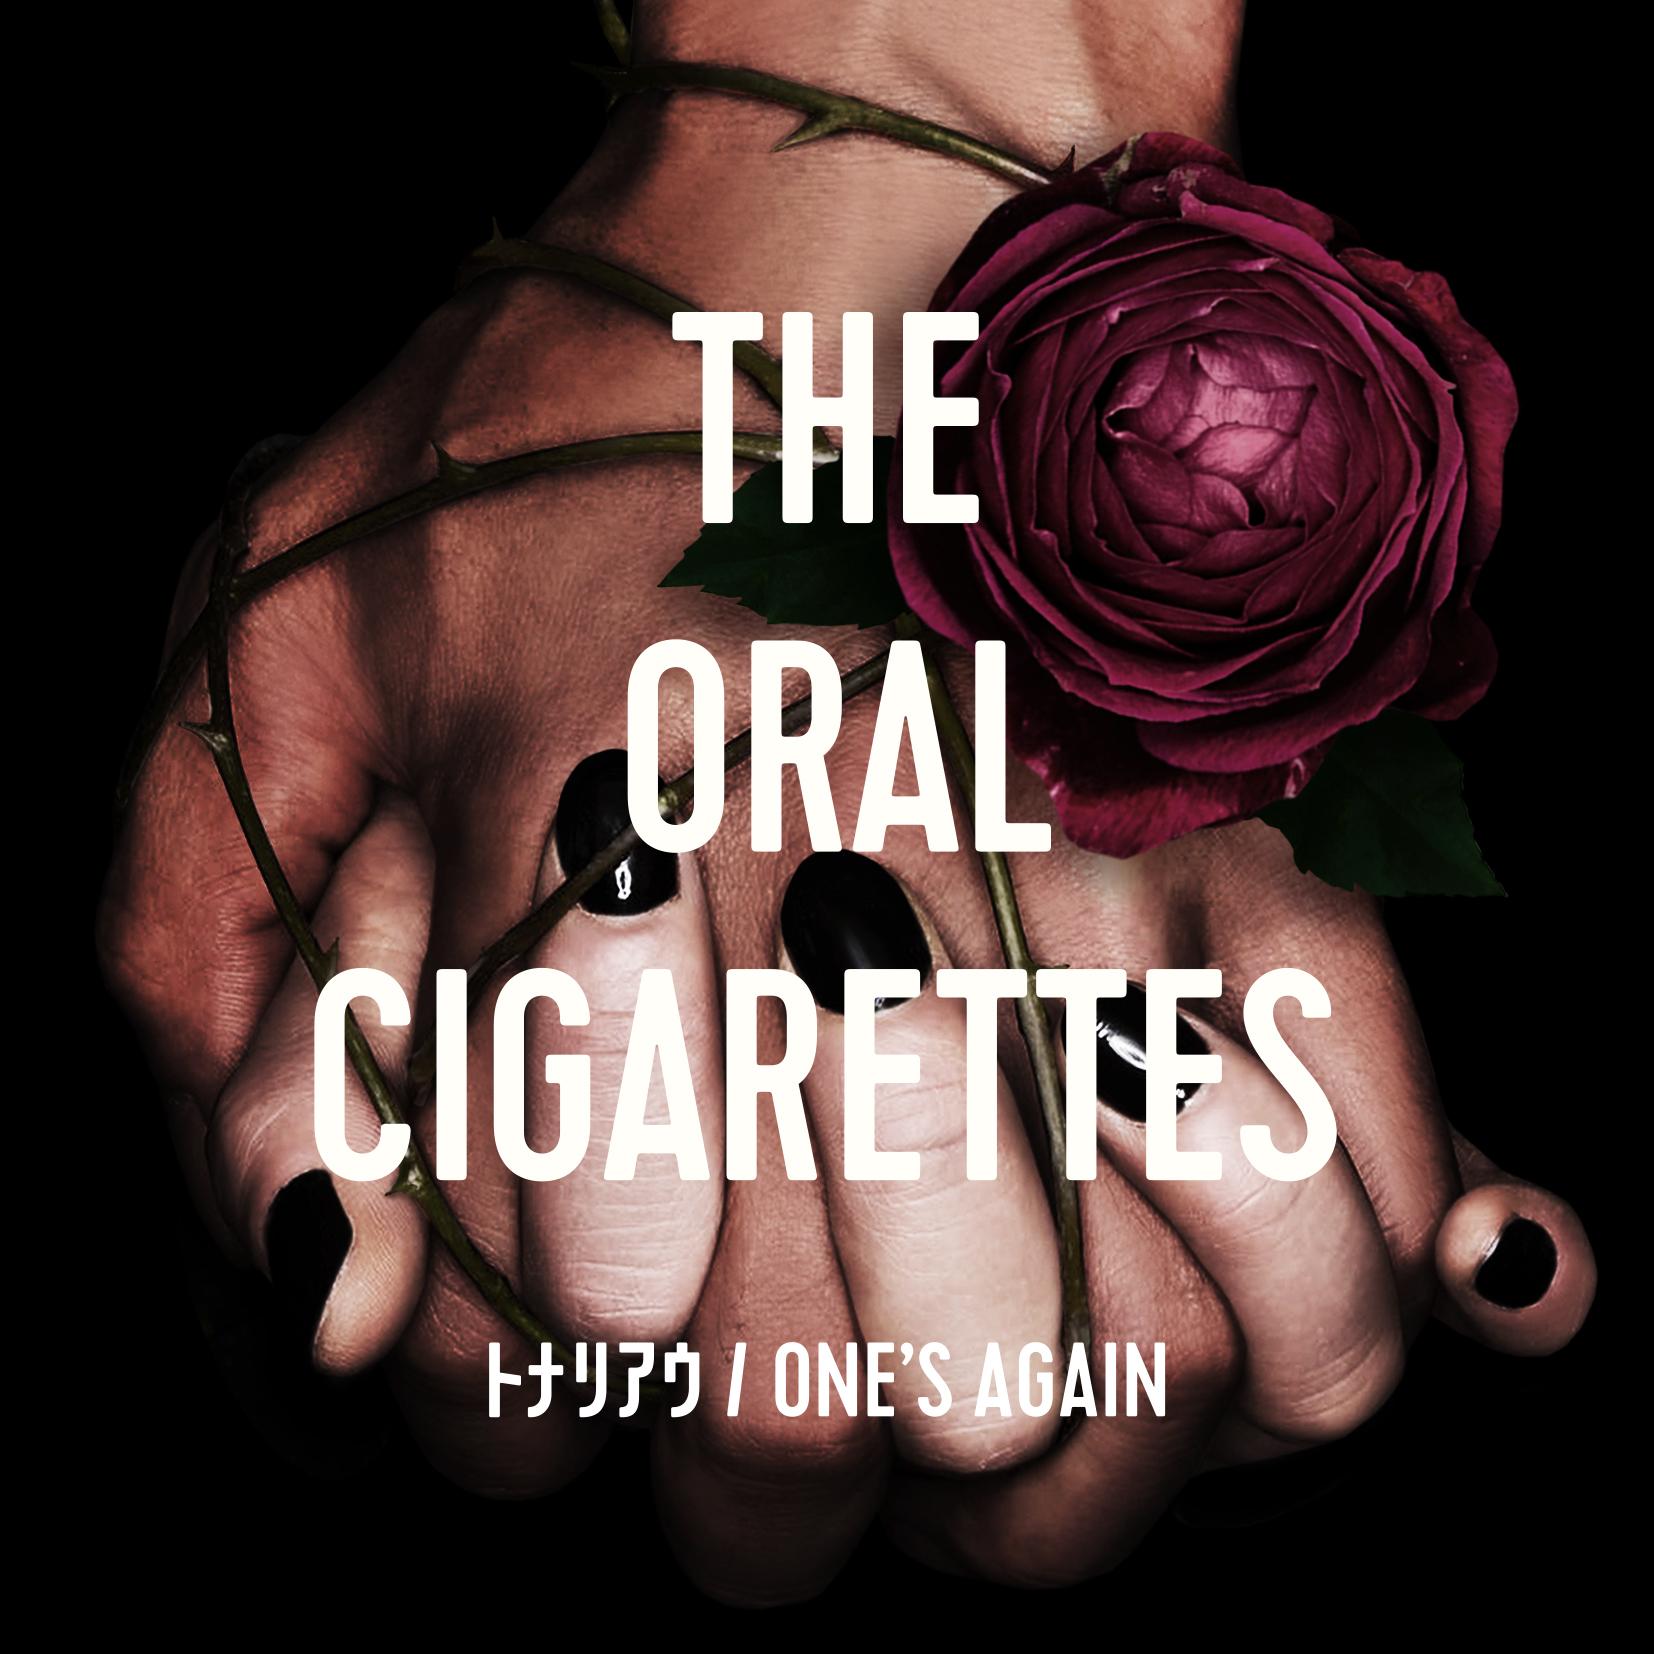 THE ORAL CIGARETTESの画像 p1_29